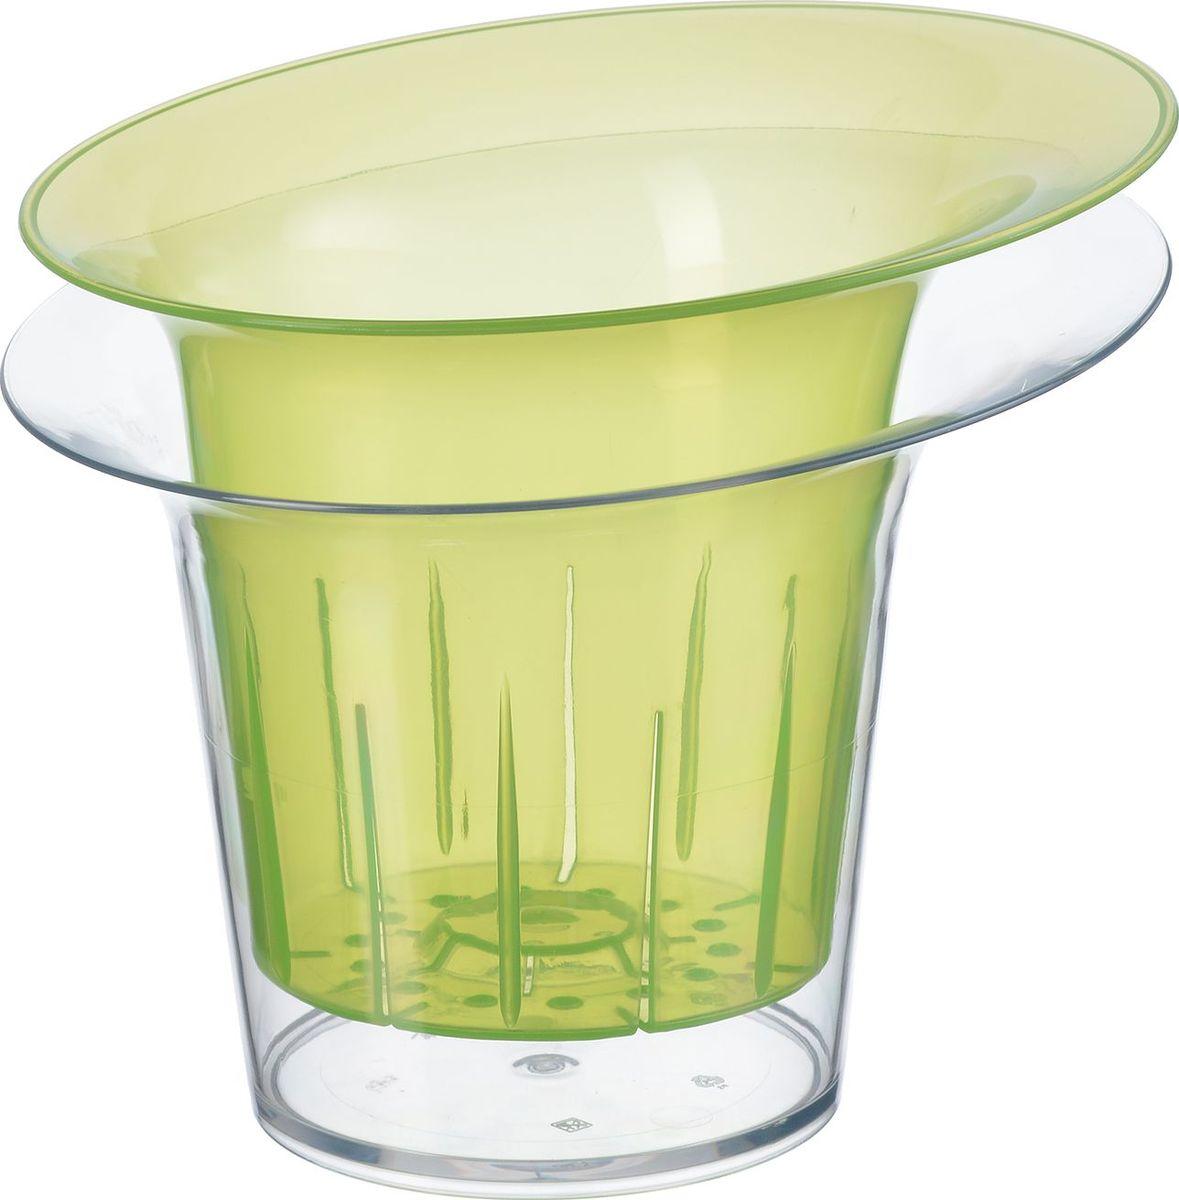 Кашпо для орхидеи Idea Адель, цвет: зеленый прозрачный, 1 л. М 3104531-402Кашпо для орхидеи Idea Адель изготовлено из прочного пластика. Изделие прекрасно подходит для выращивания растений и цветов в домашних условиях. Стильный современный дизайн органично впишется в интерьер помещения.Диаметр кашпо: 19 см. Высота кашпо: 17 см. Объем кашпо: 1 л.